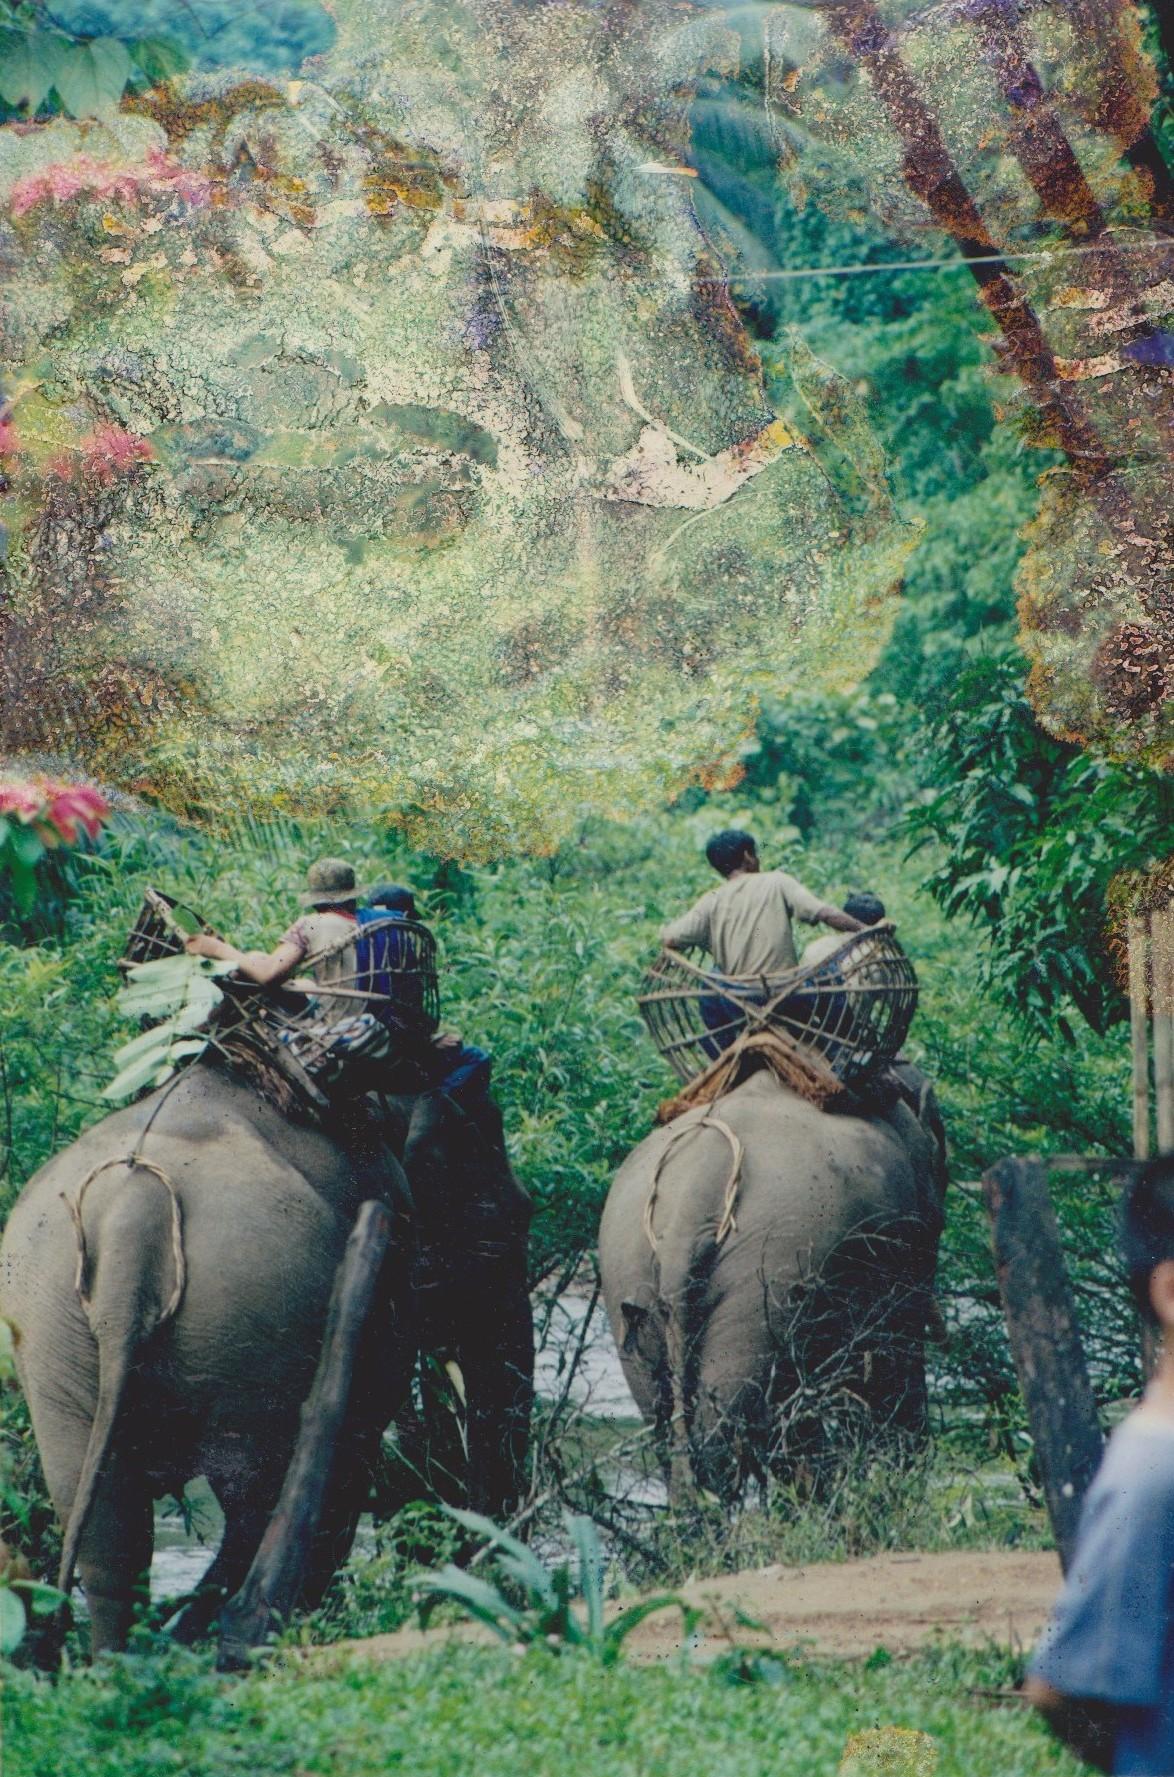 éléphants karens montés